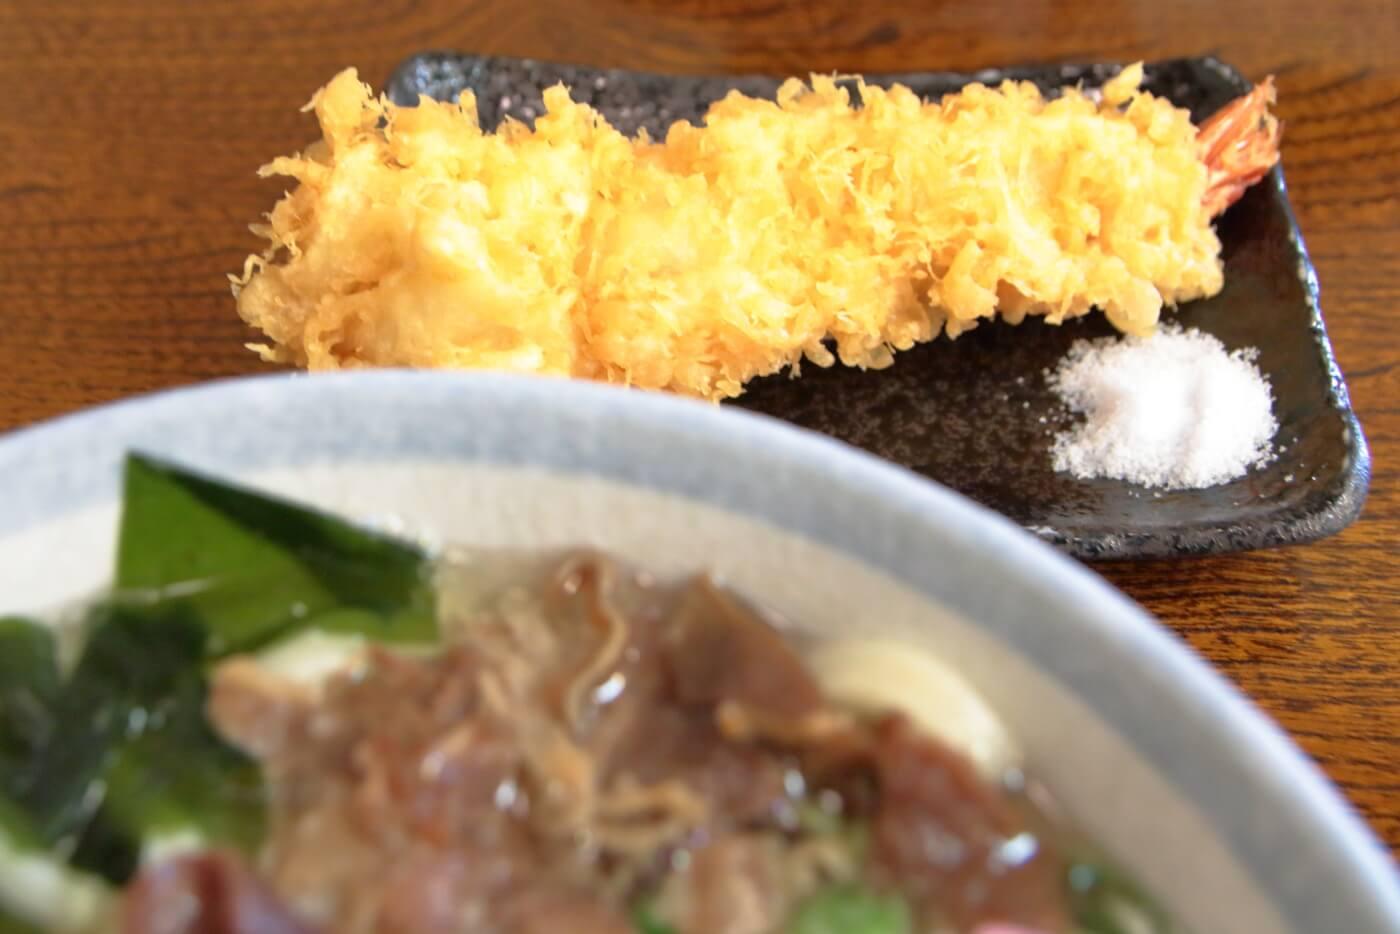 うどん専門店新富の五目うどんを天ぷら五目うどんにすると付く大きなエビ天